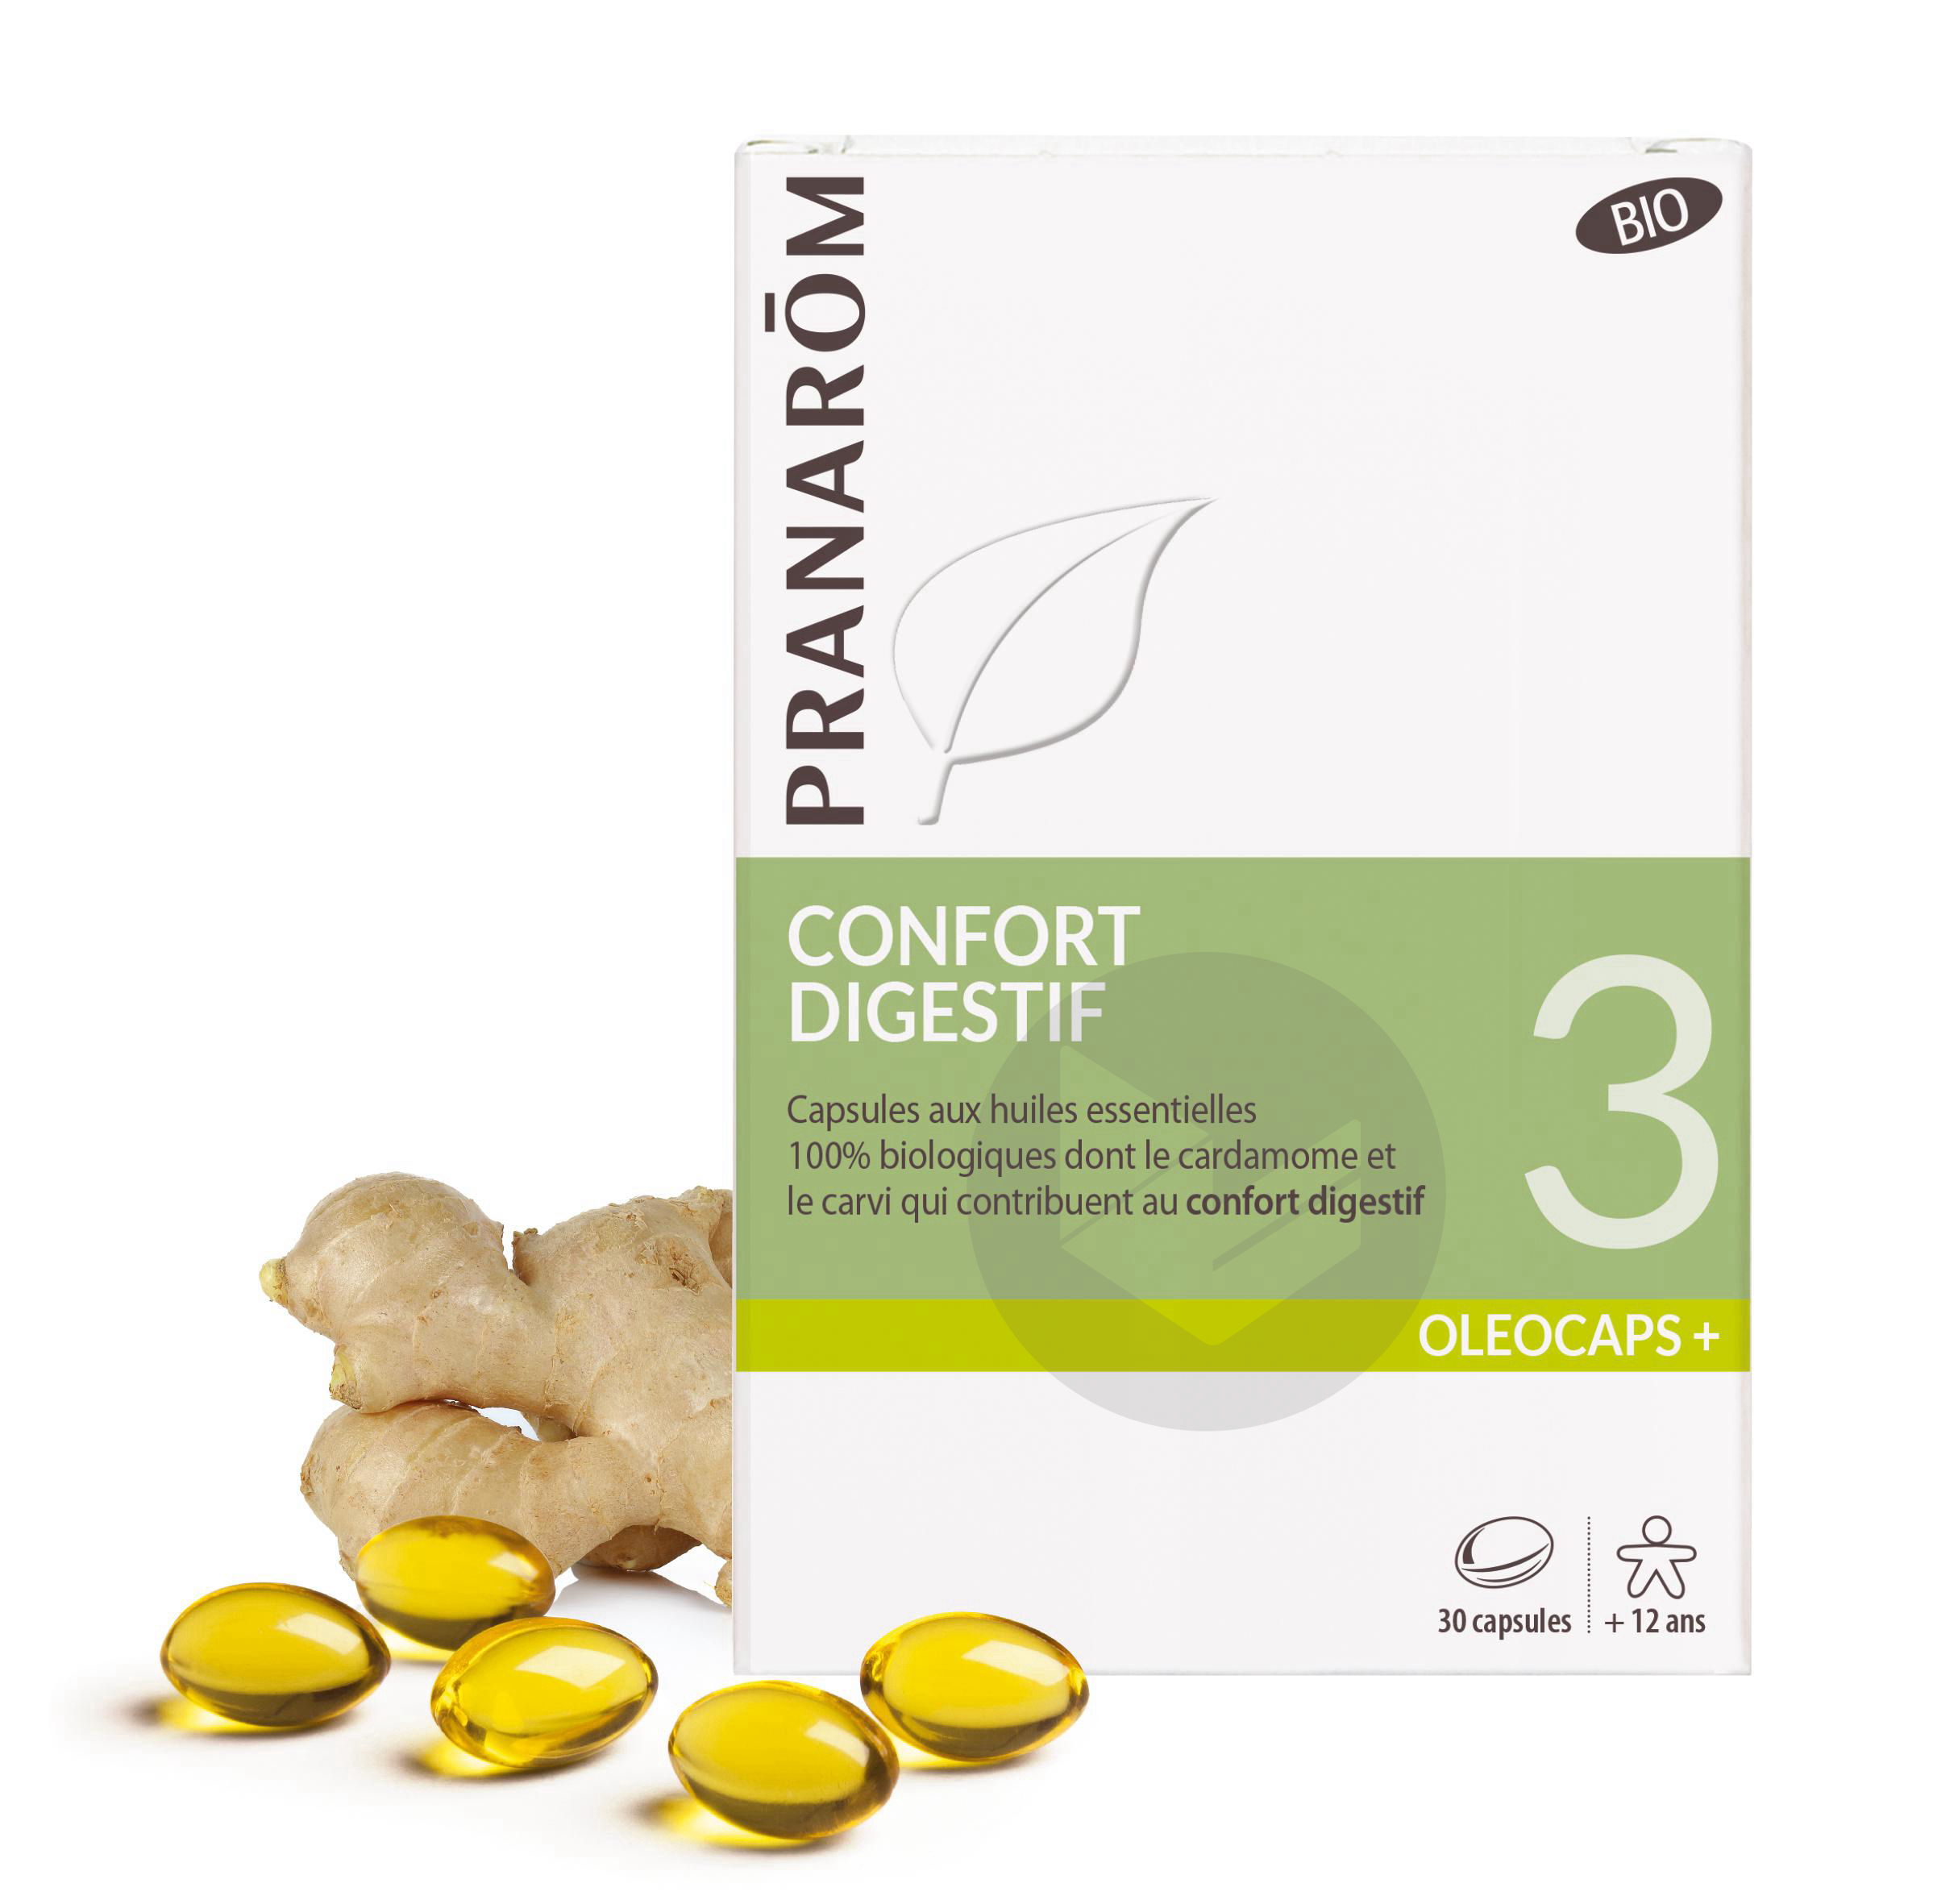 3 - Confort digestif